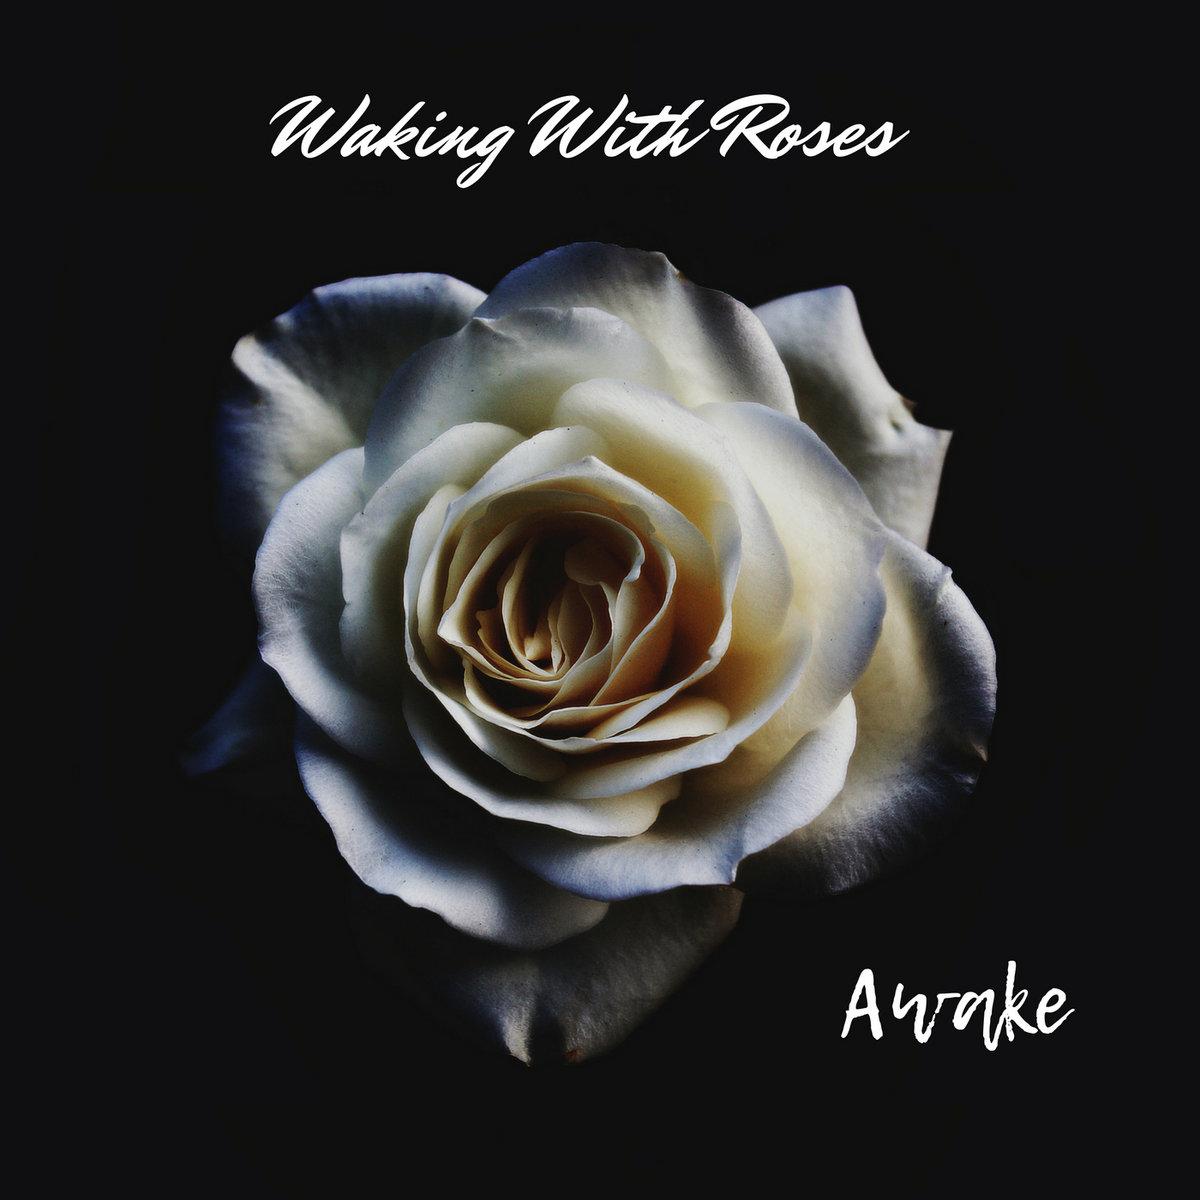 awake waking with roses rh wakingwithroses1 bandcamp com